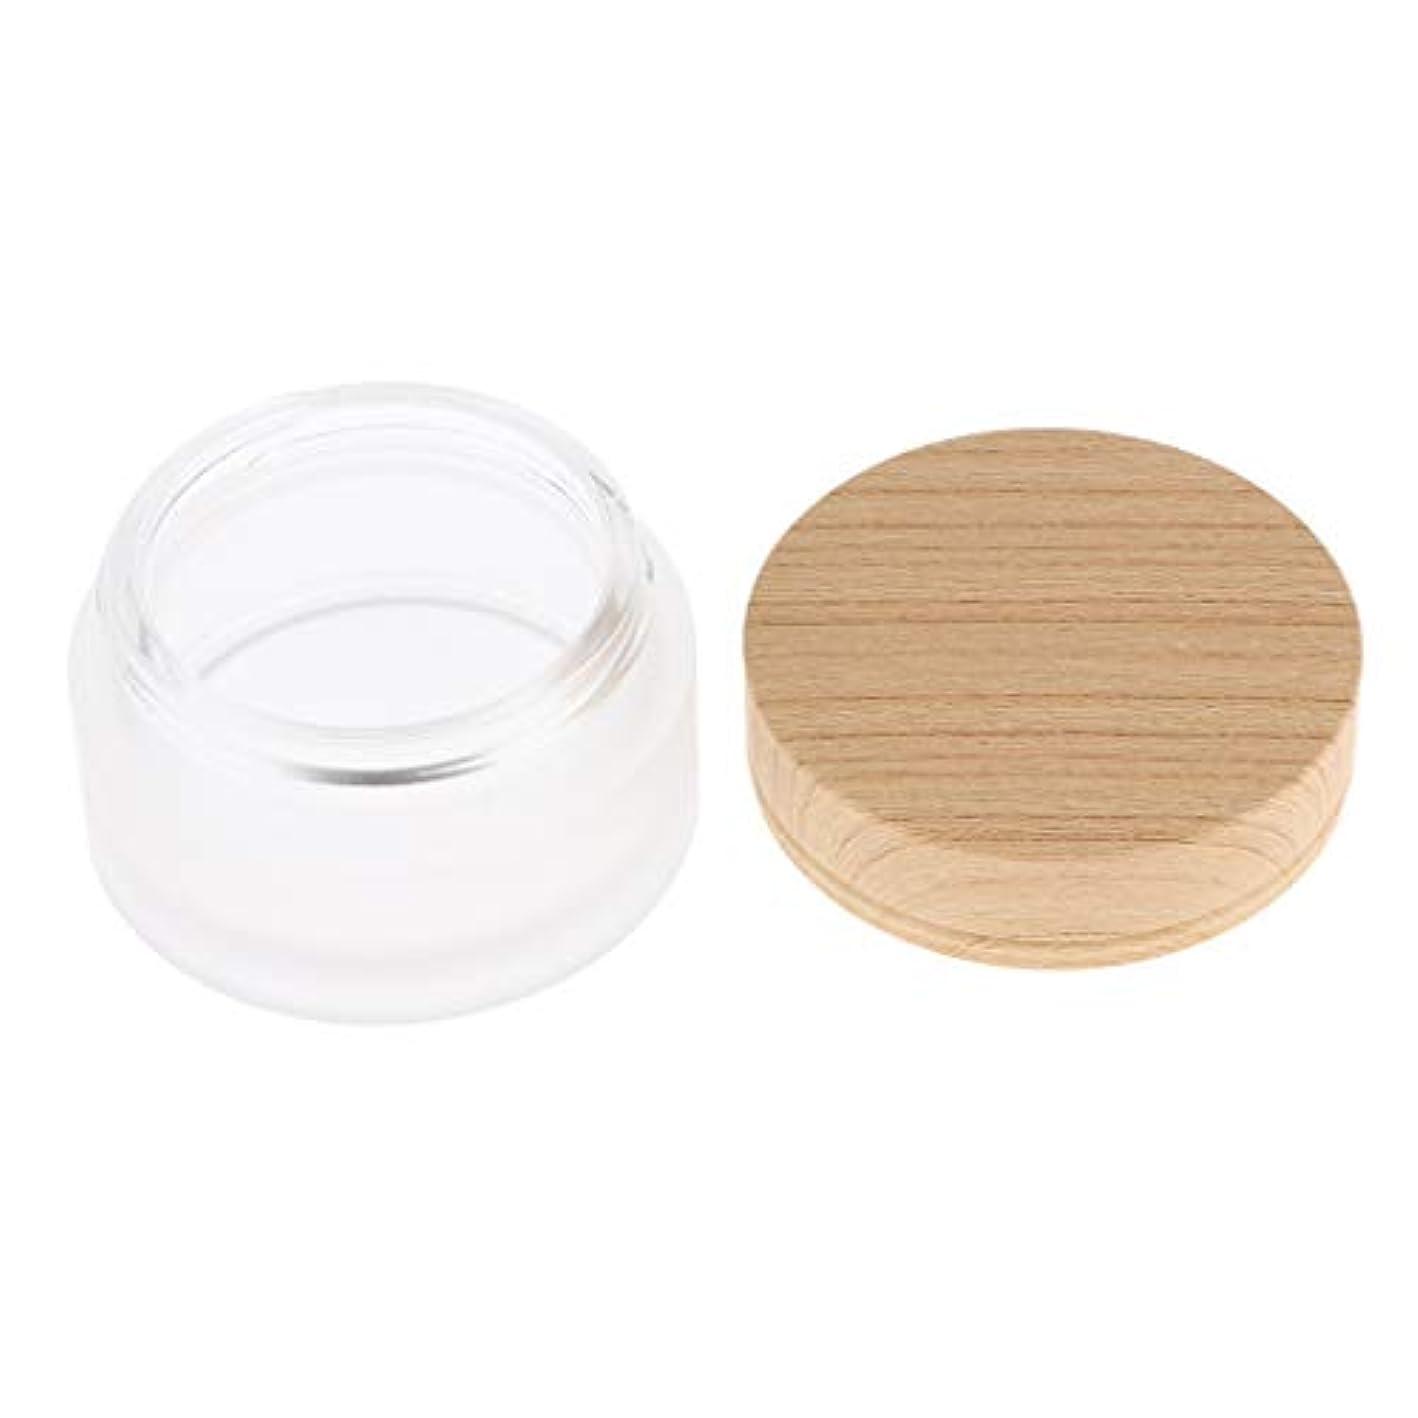 する必要があるおとこボルト再利用可能なフェイスクリーム保湿剤化粧容器ポット化粧品瓶缶 - 30g